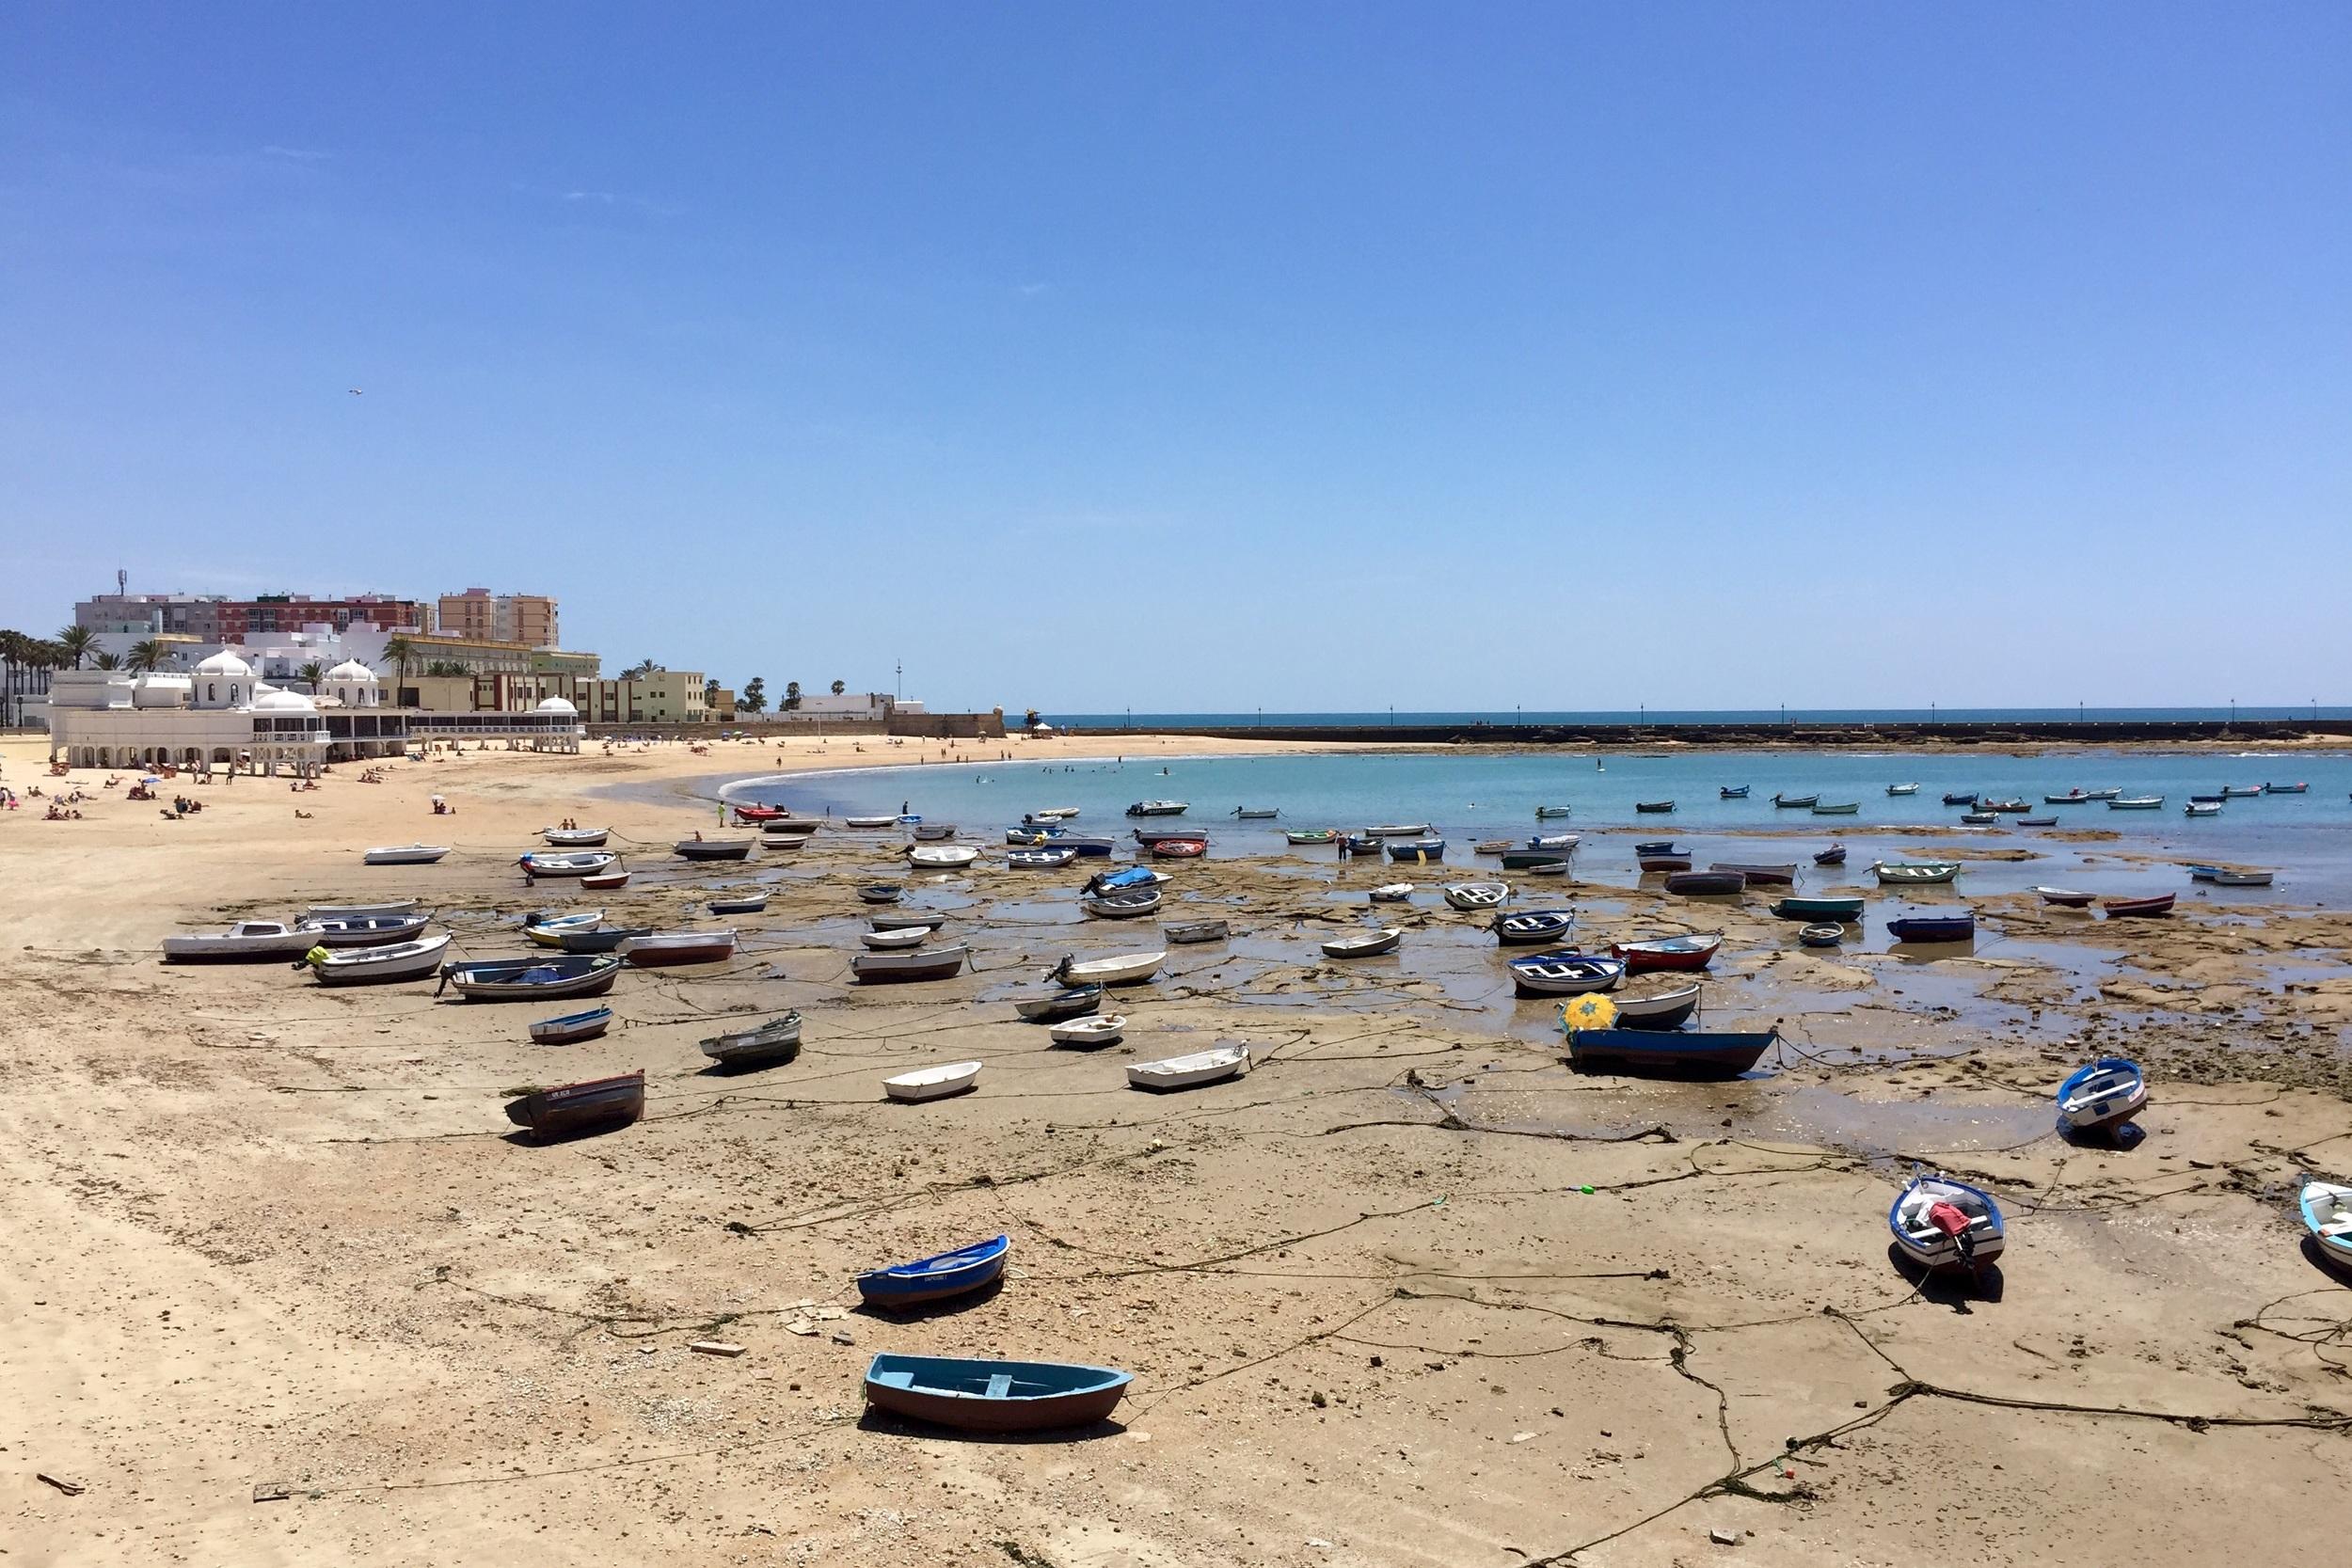 Low tide in Cadiz